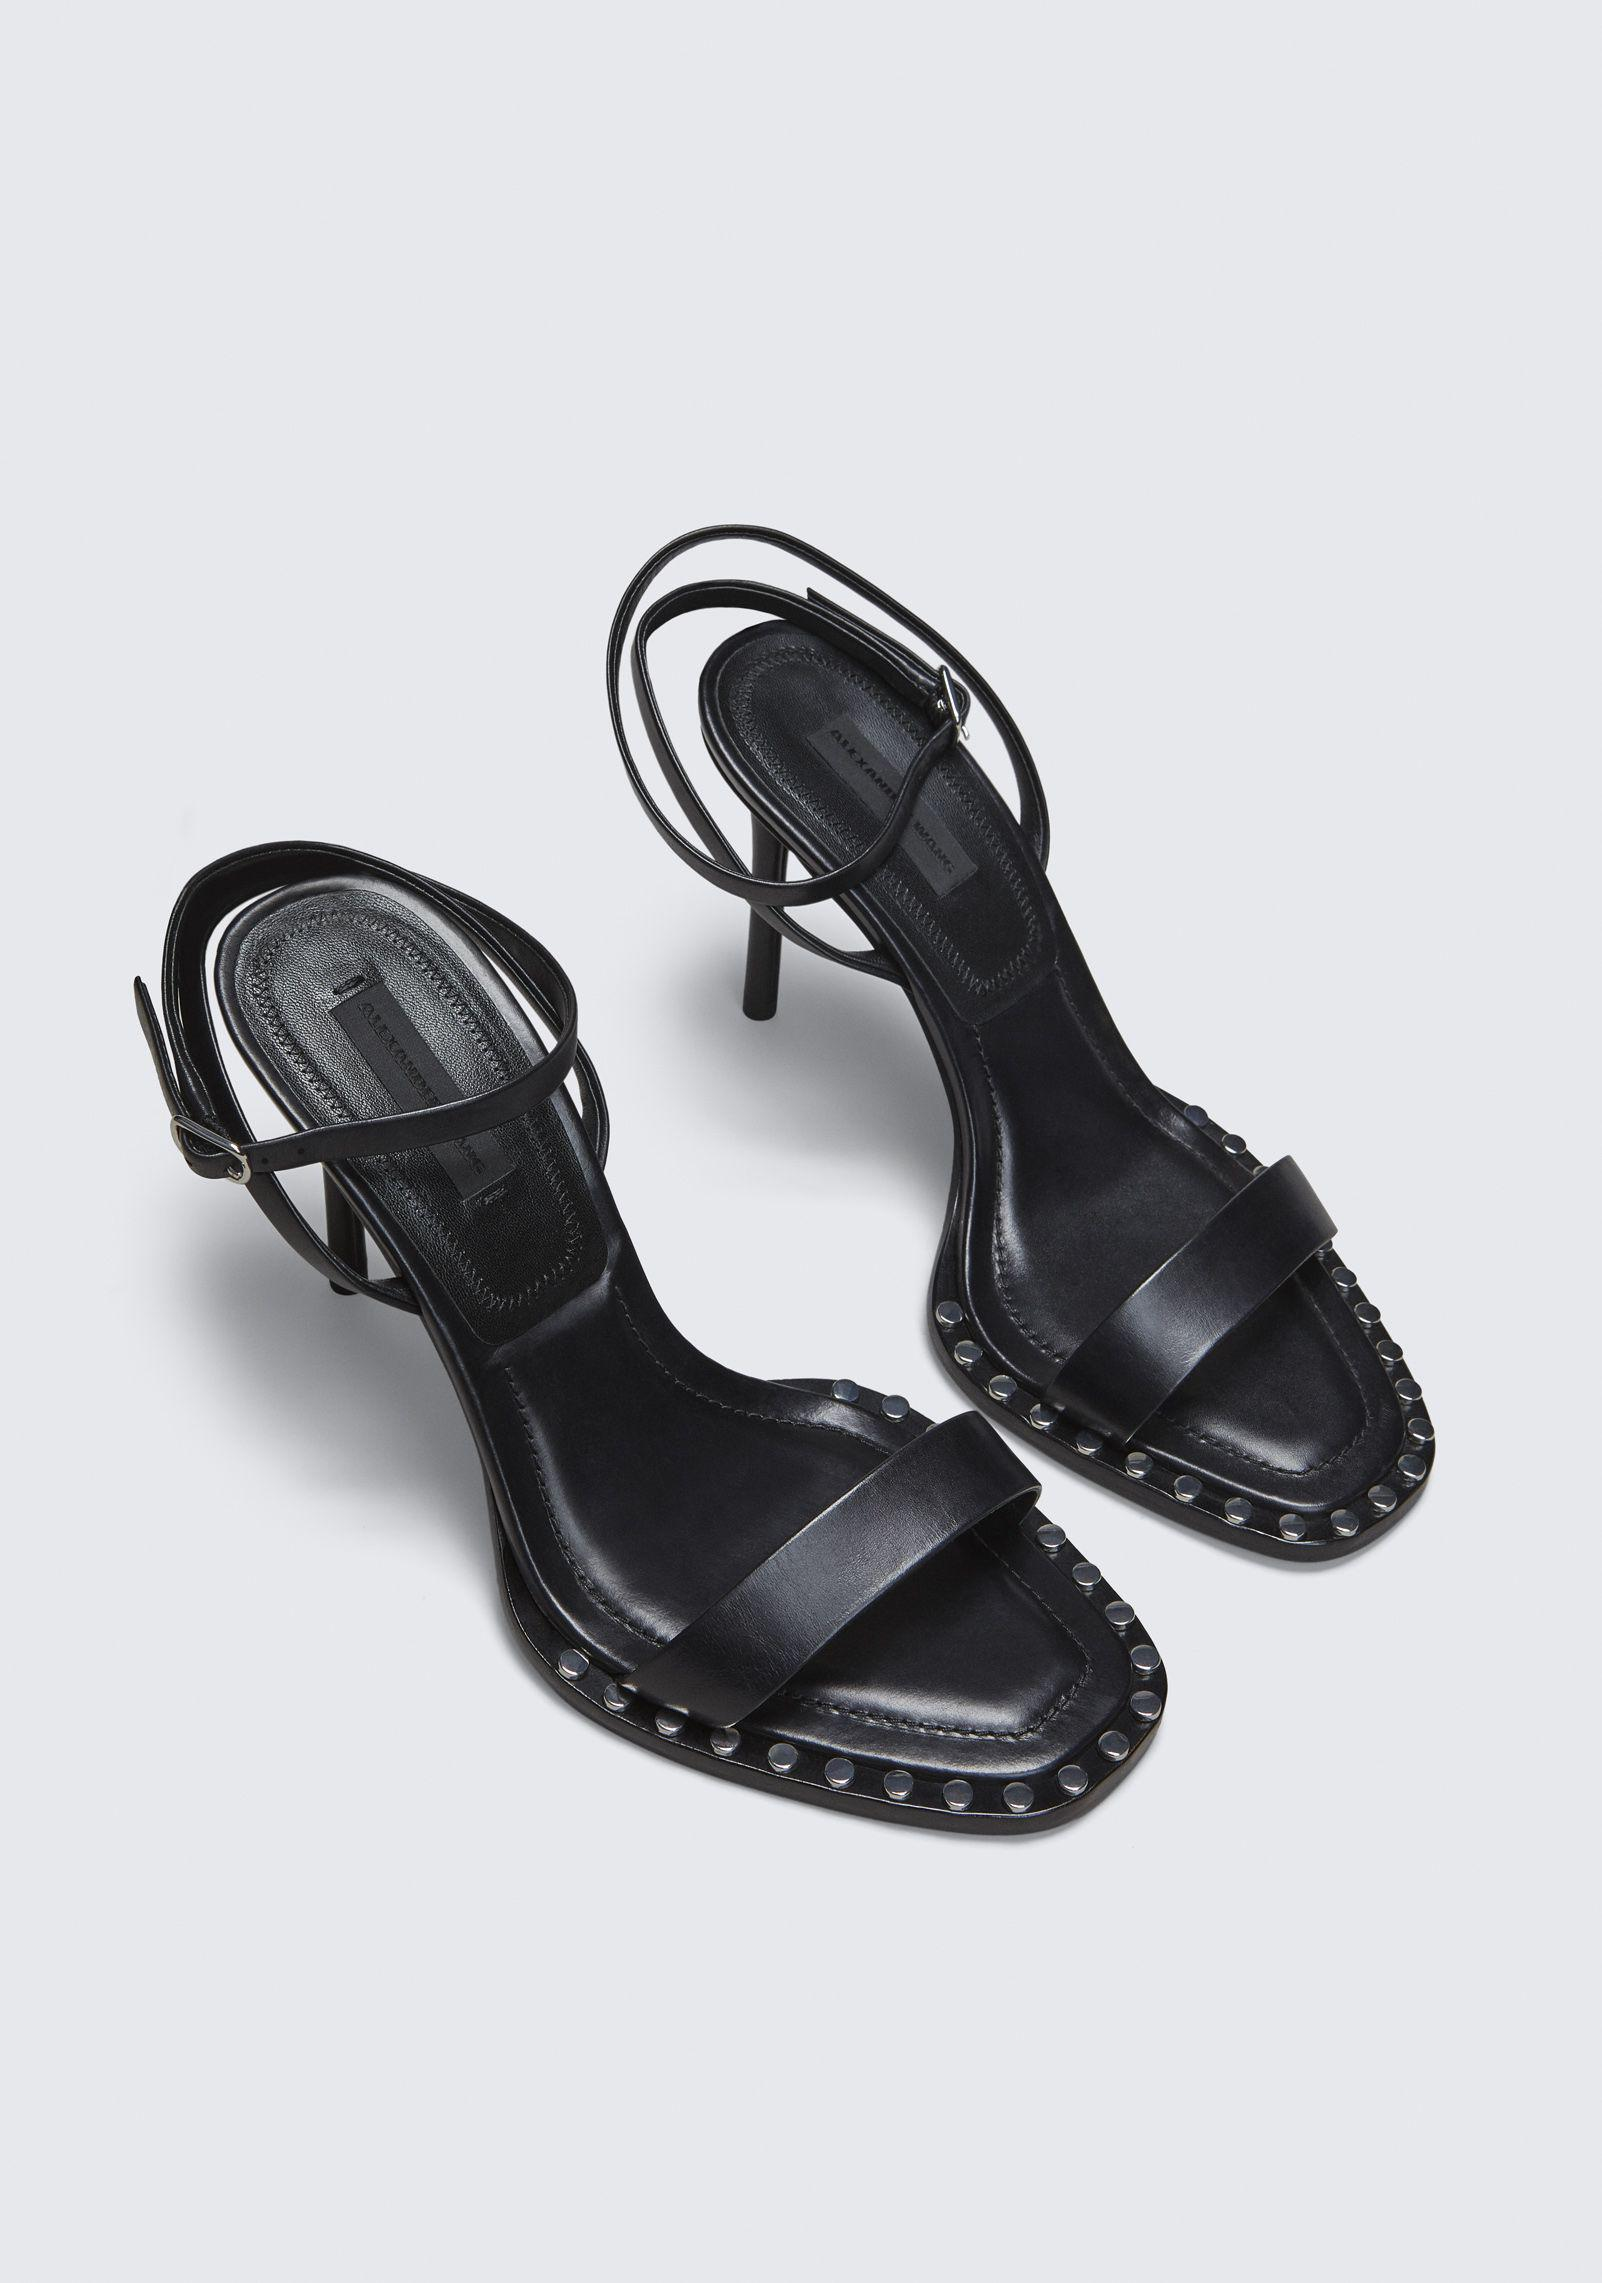 d69f3c774de Alexander Wang Black Cate High Heel Sandal